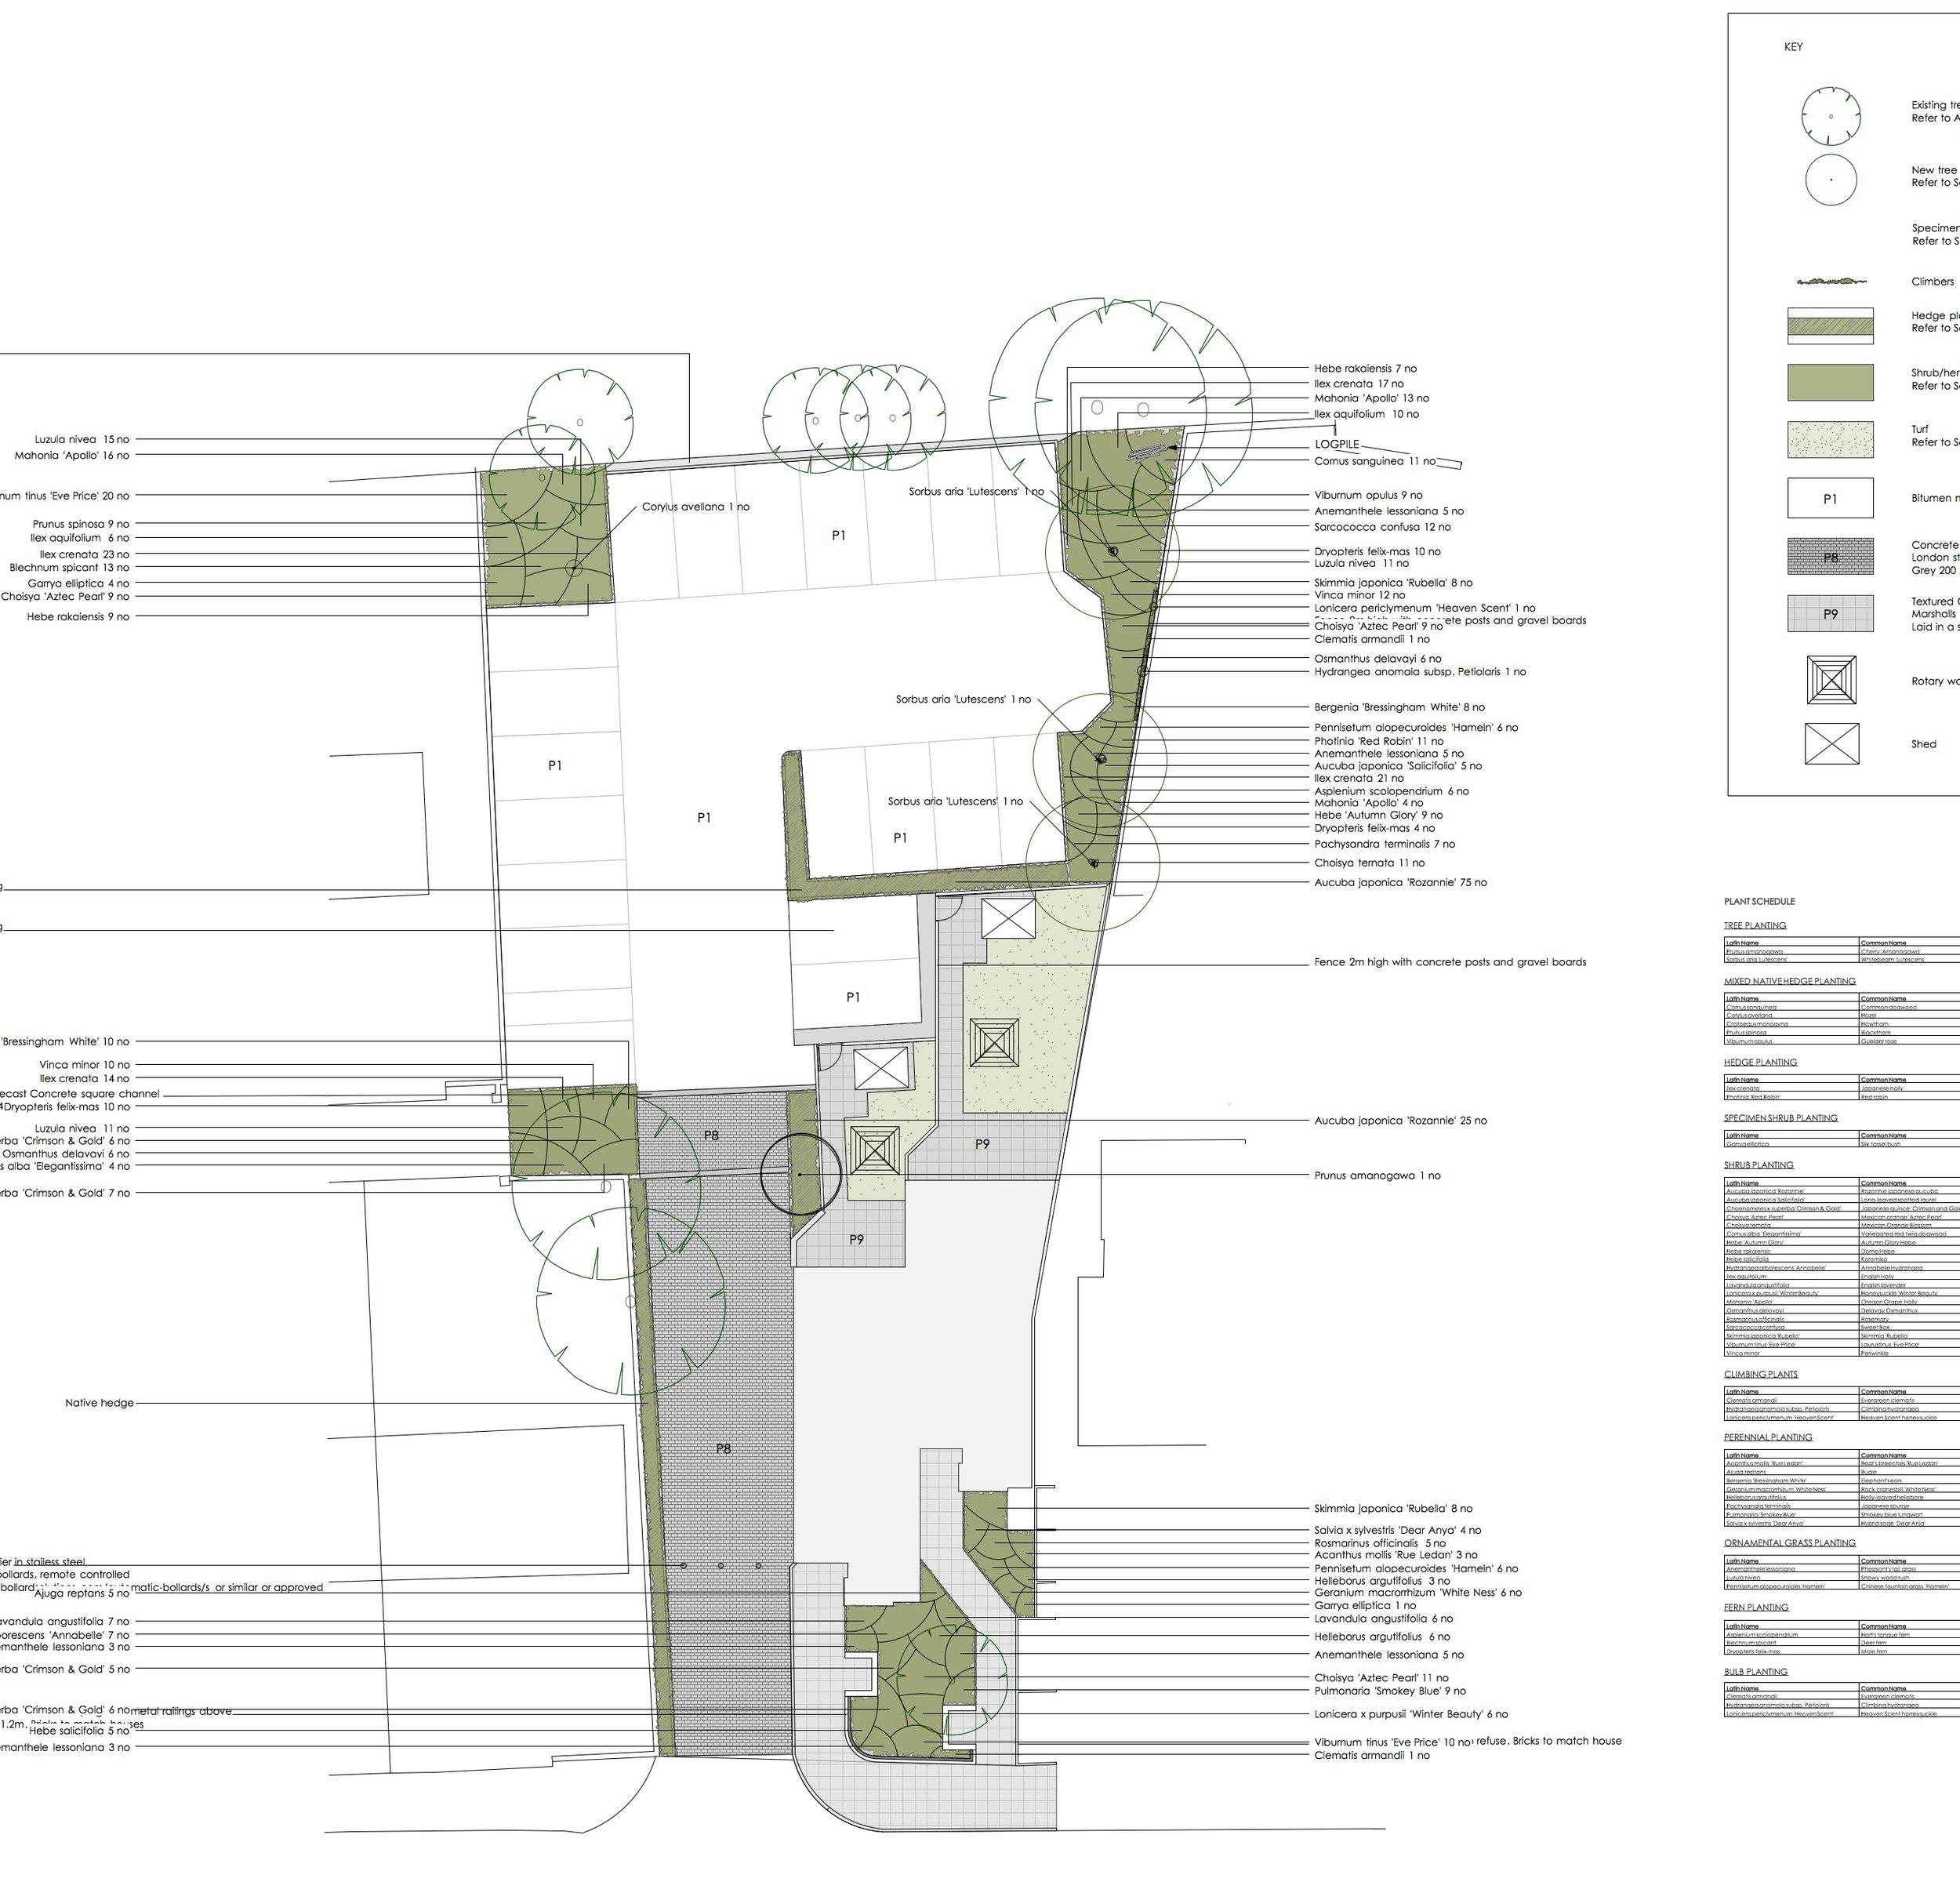 Blessington road Landscaping plan.jpg